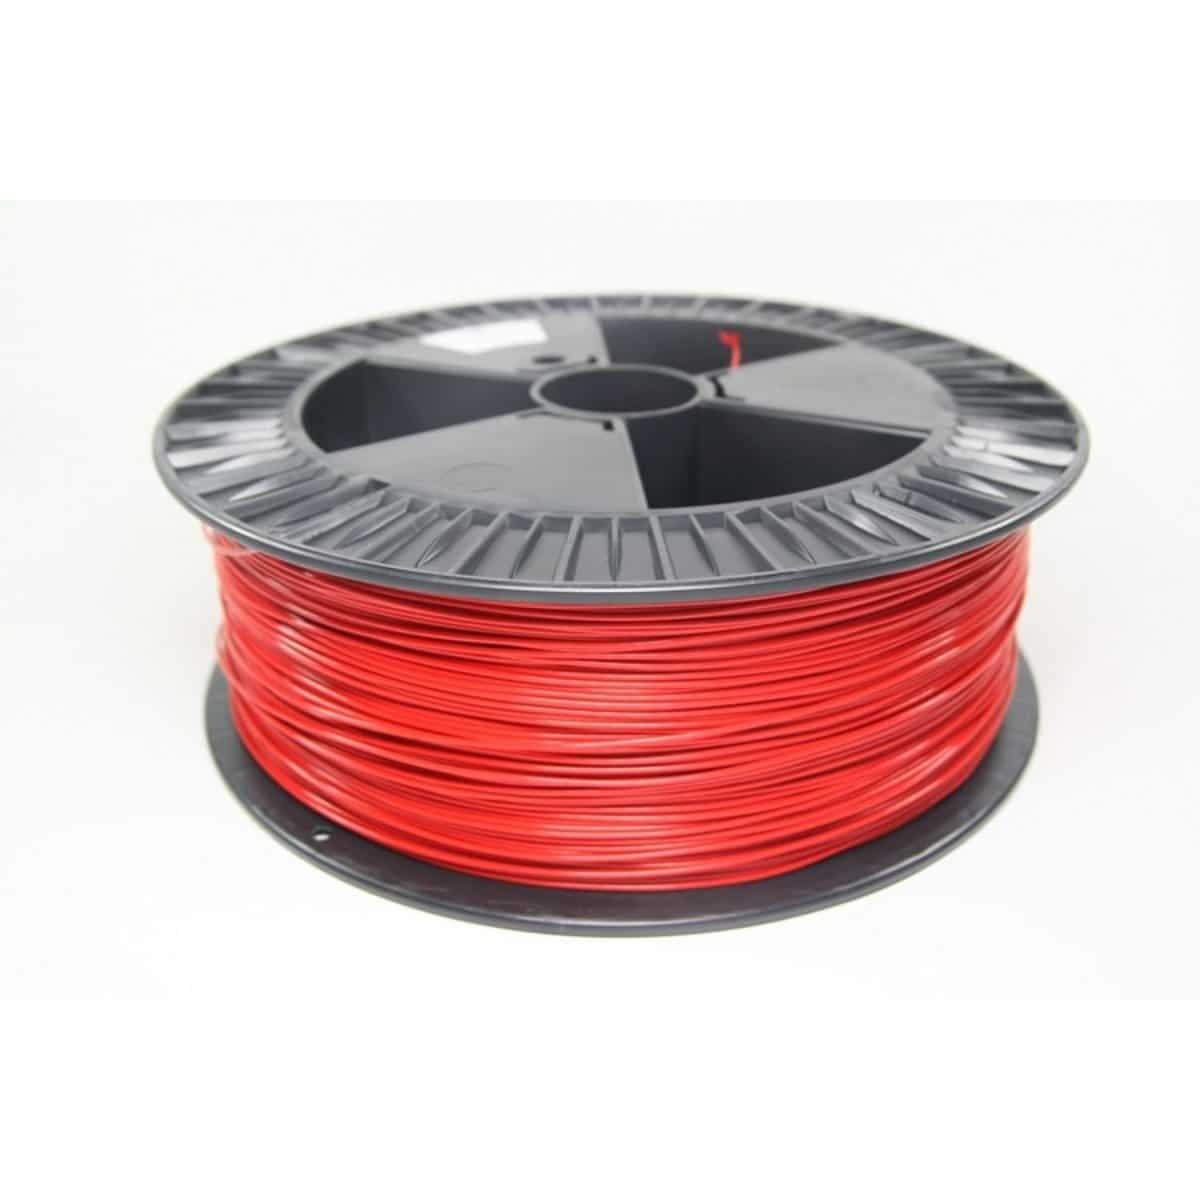 Billede af Spectrum Filaments - PLA - 1.75mm - Bloody Red - 2 kg